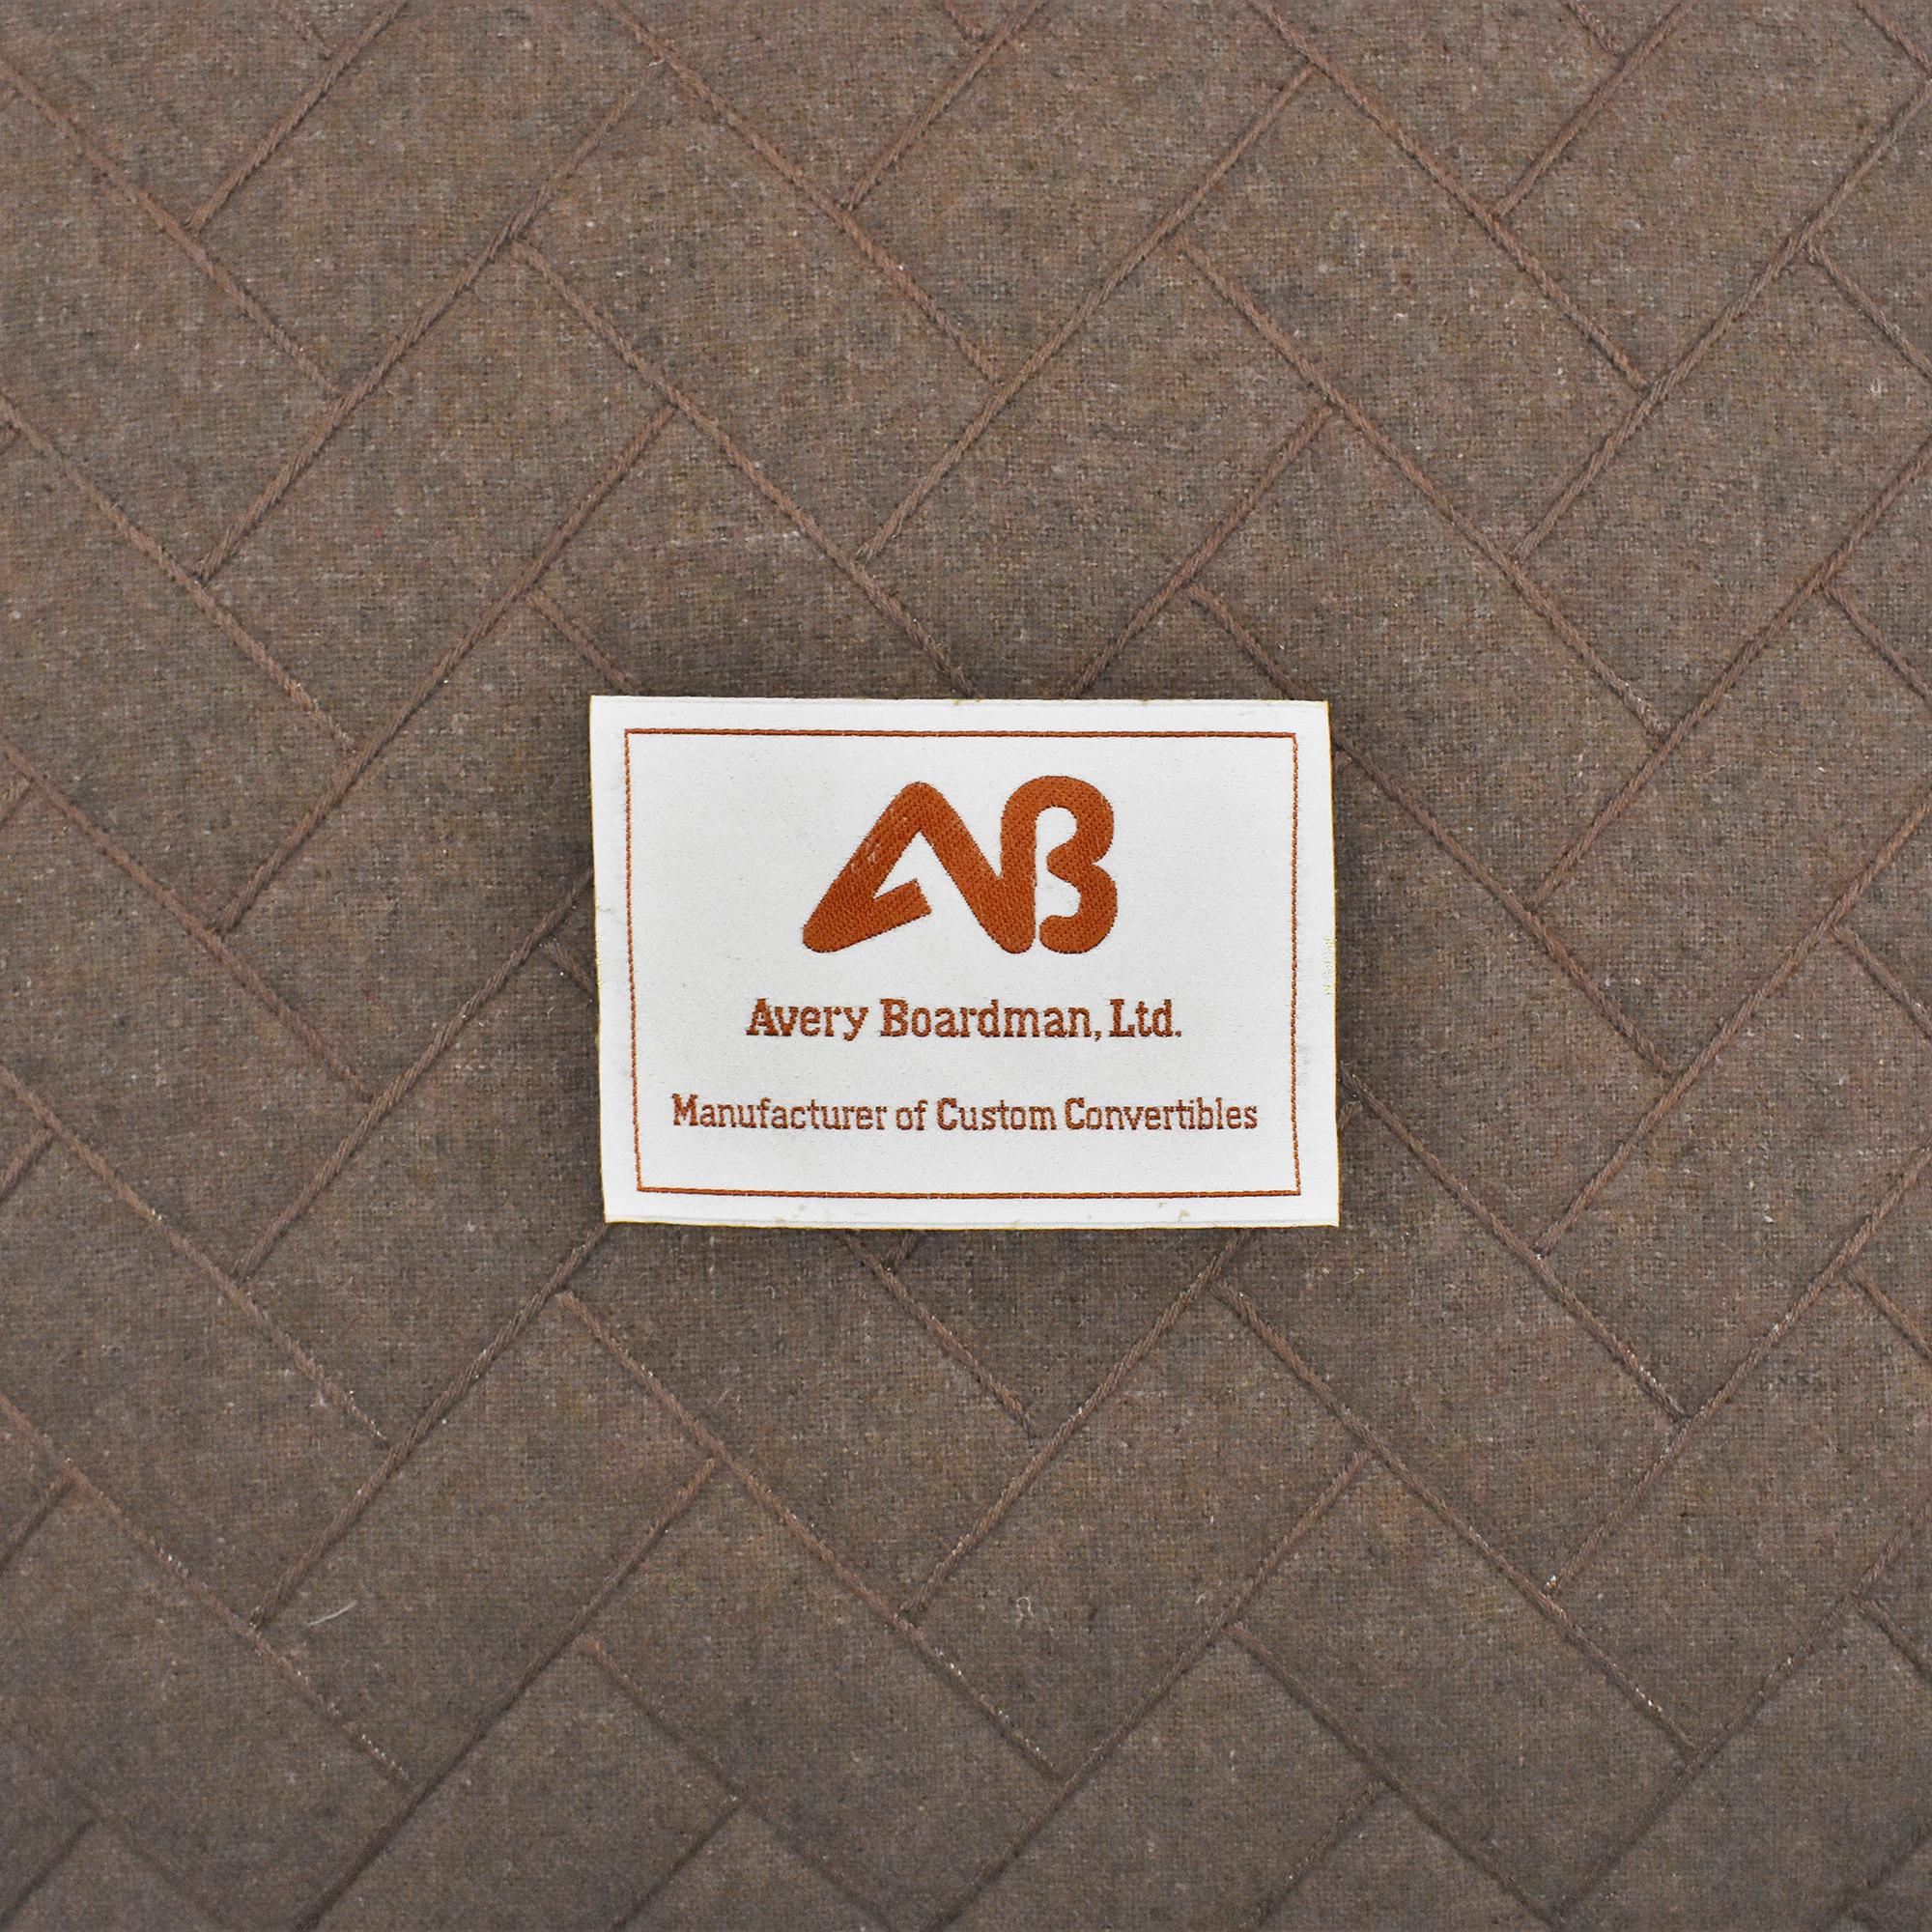 Avery Boardman Avery Boardman Corner Sectional Sleeper Sofa pa